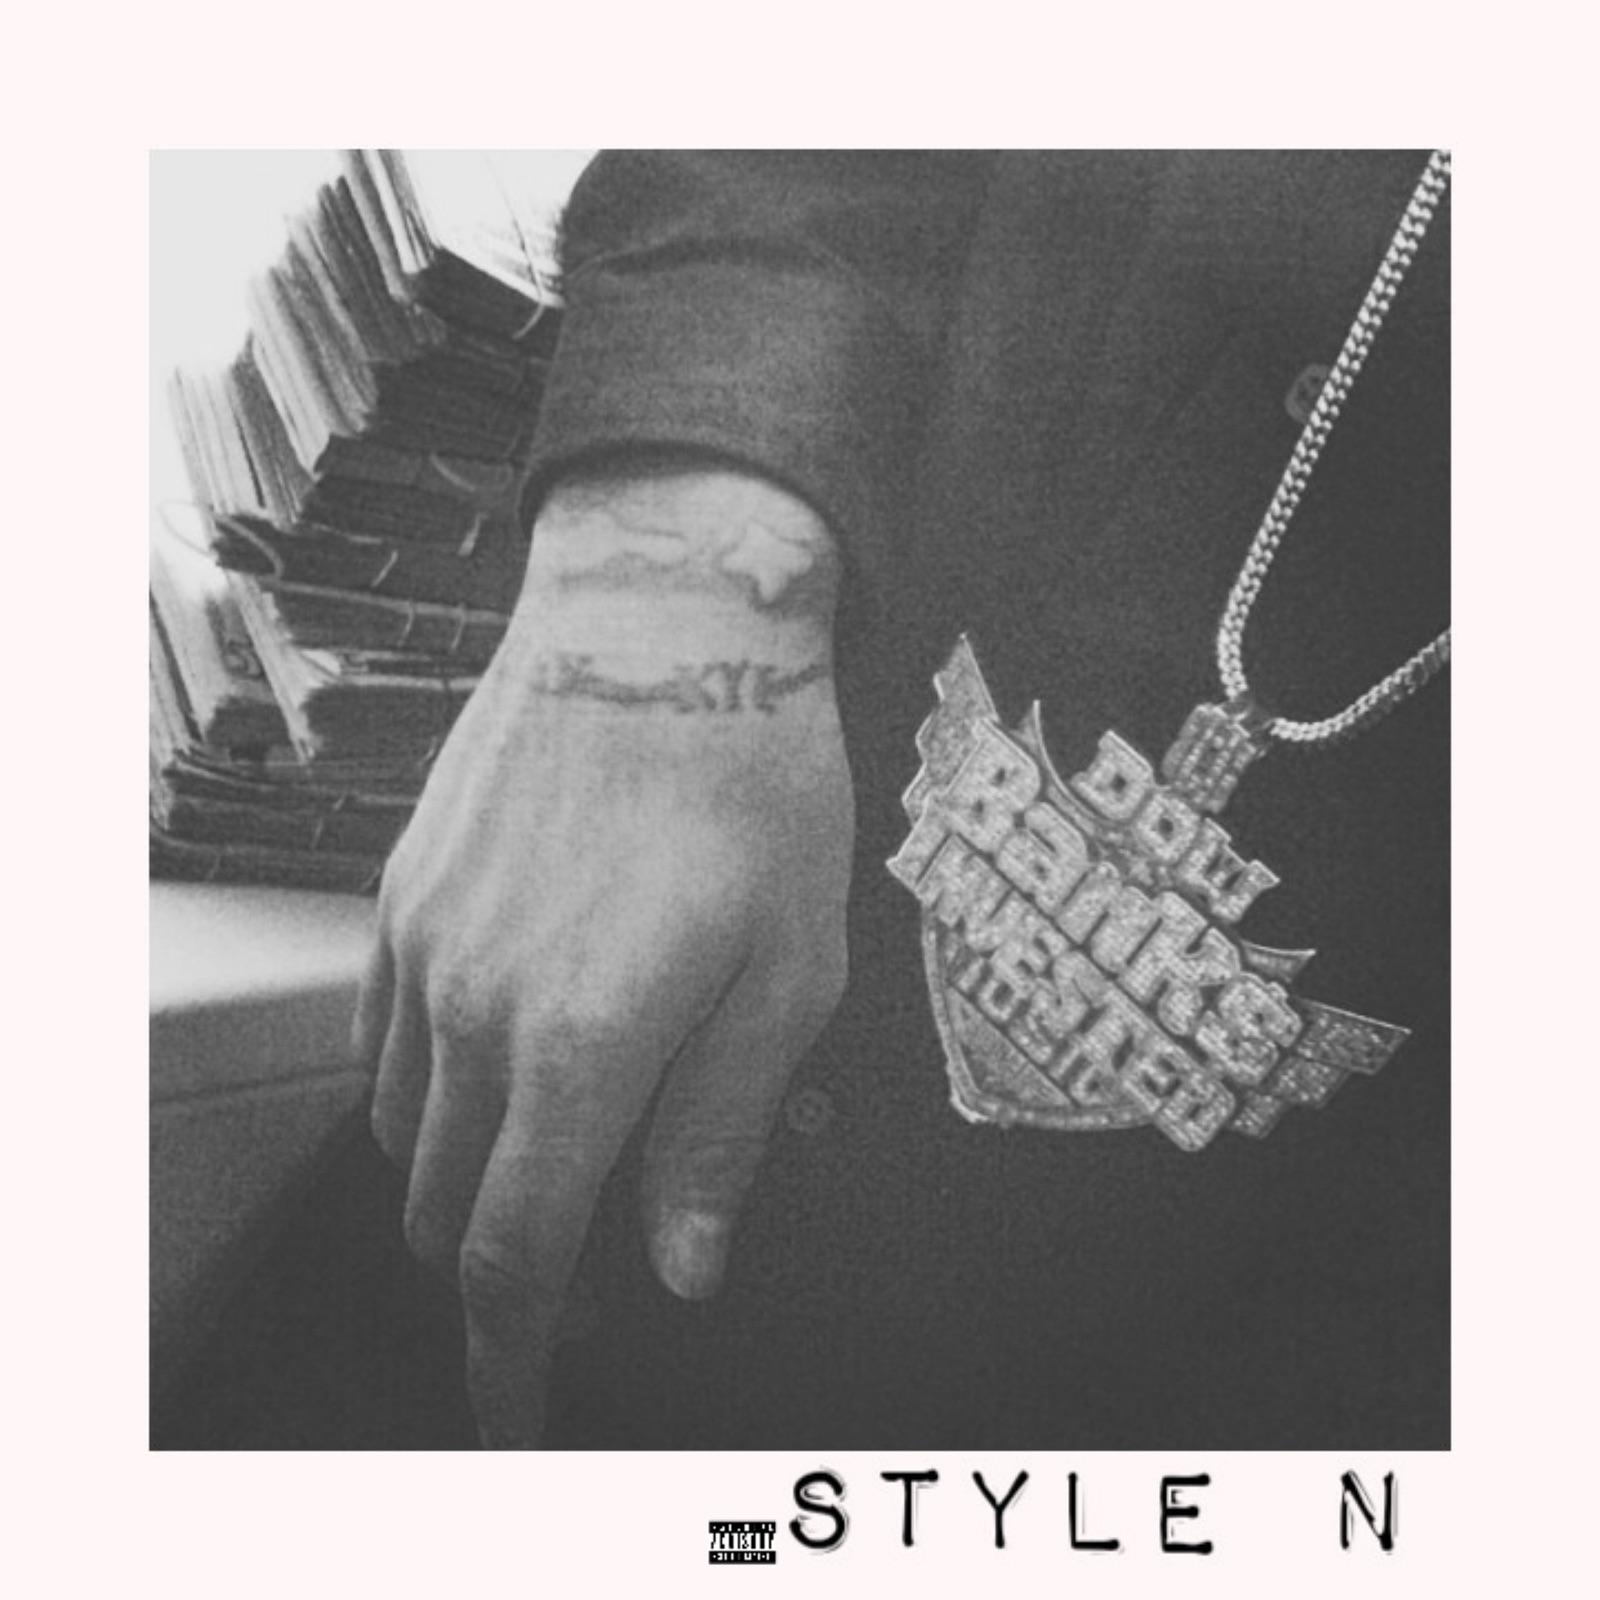 Style N - Single